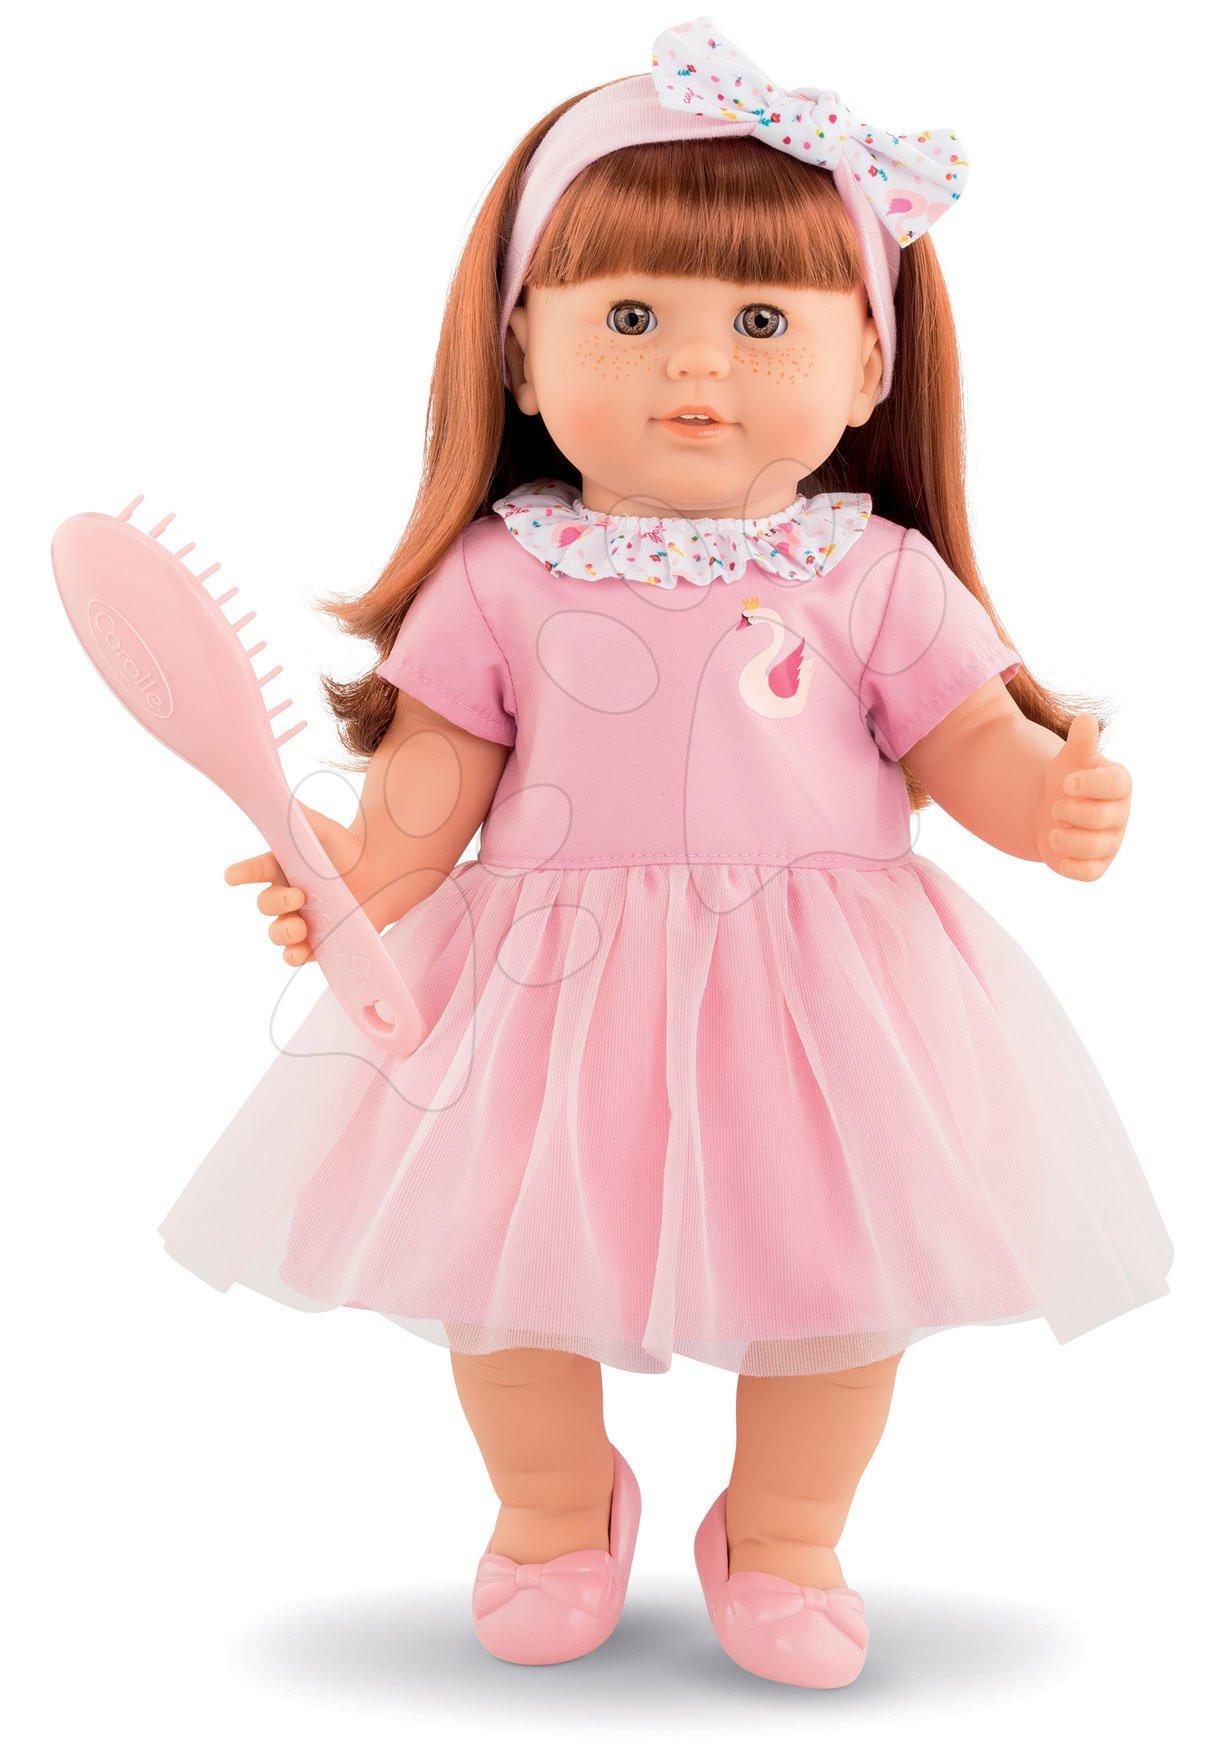 Panenka Ambre s zrzavými vlasy Mon Grand Poupon Corolle 36 cm s hnědými mrkacími očima a hřebenem od 3 let